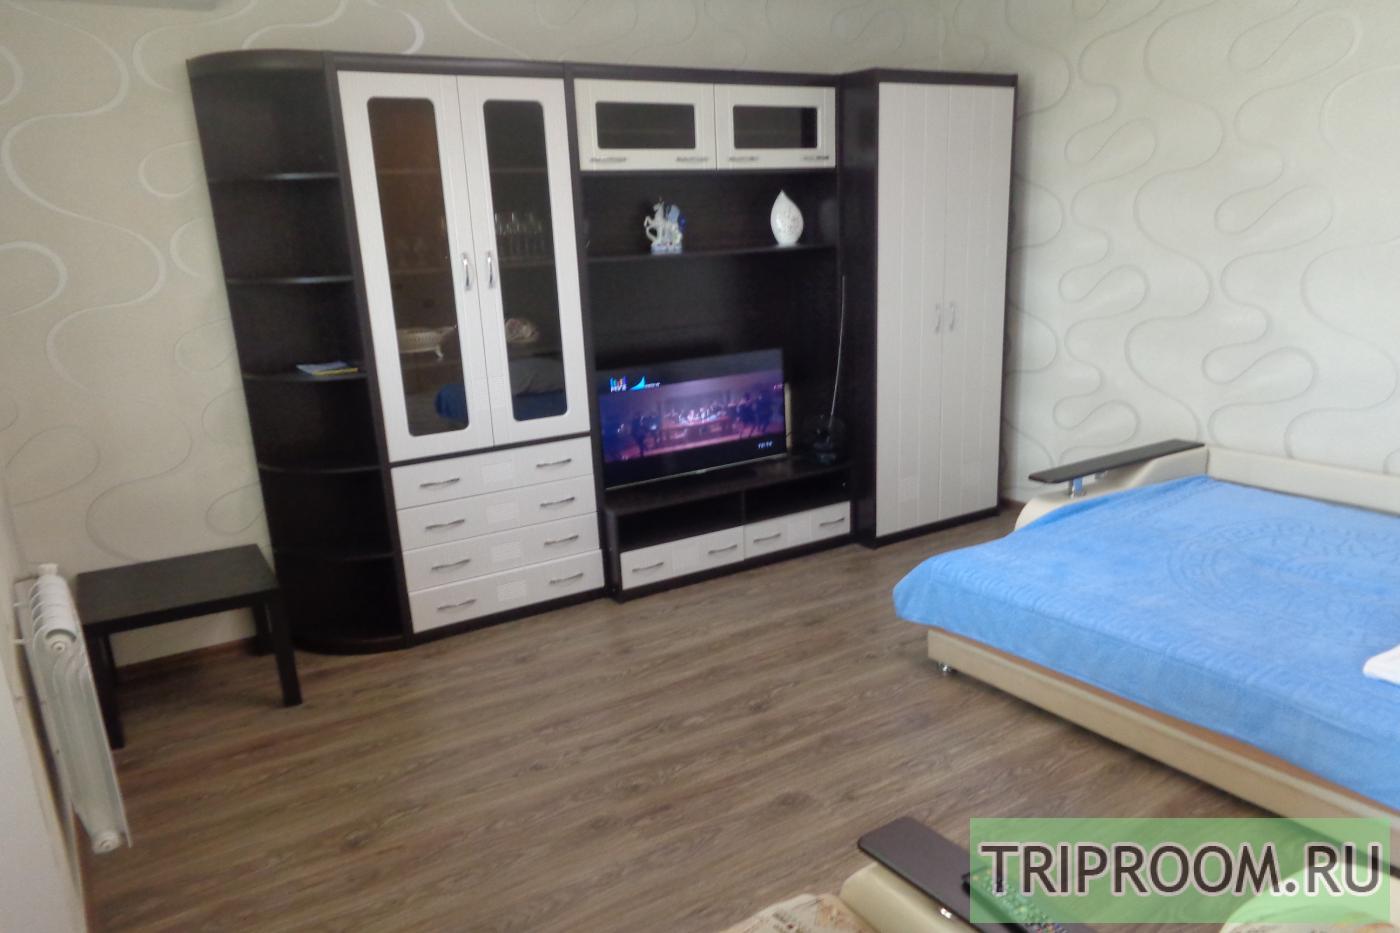 1-комнатная квартира посуточно (вариант № 10283), ул. Красноармейская улица, фото № 4